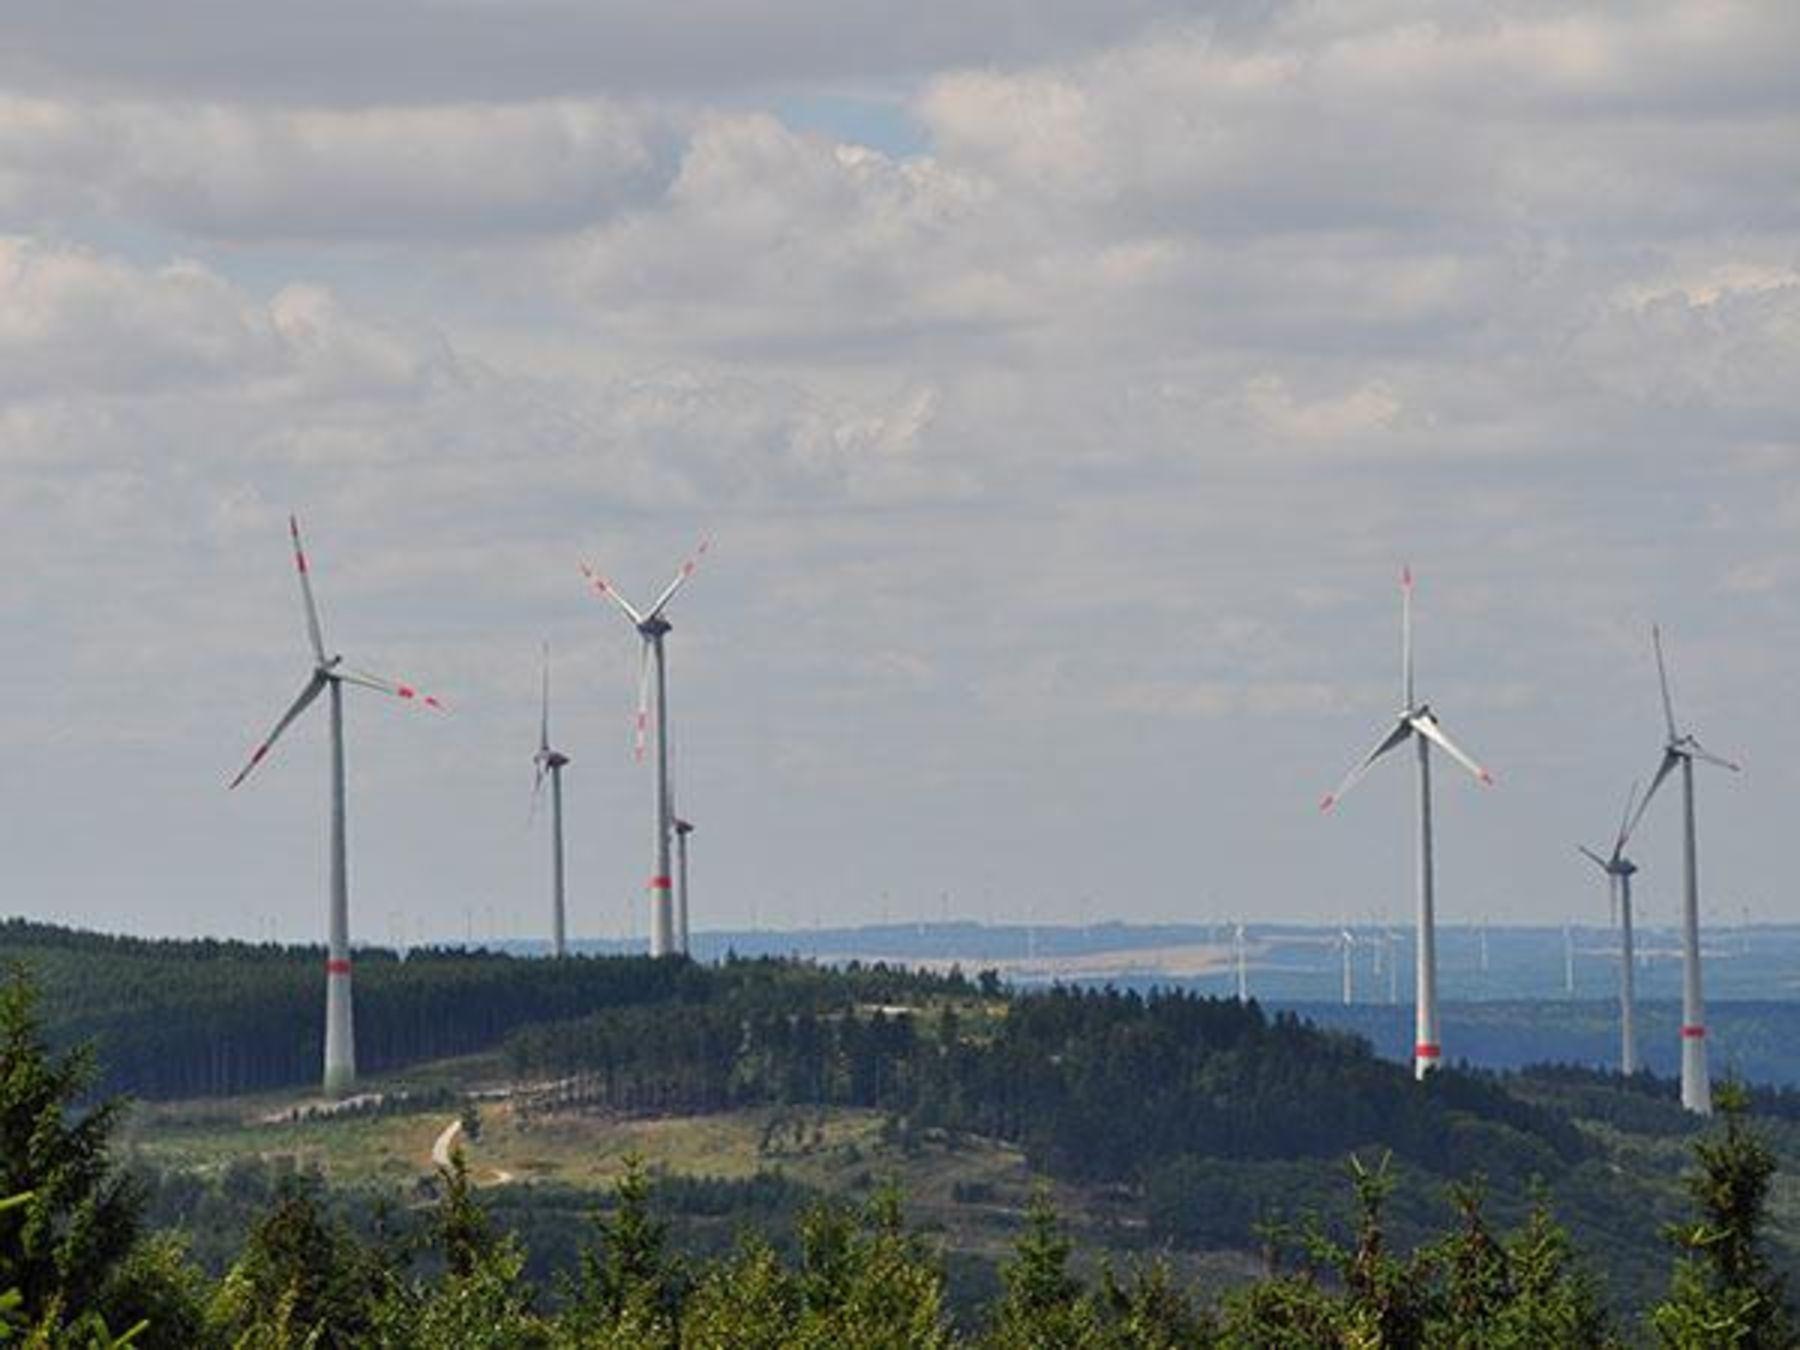 Erneuerbare Energien: Unendlich viel Energie für die Zukunft ...